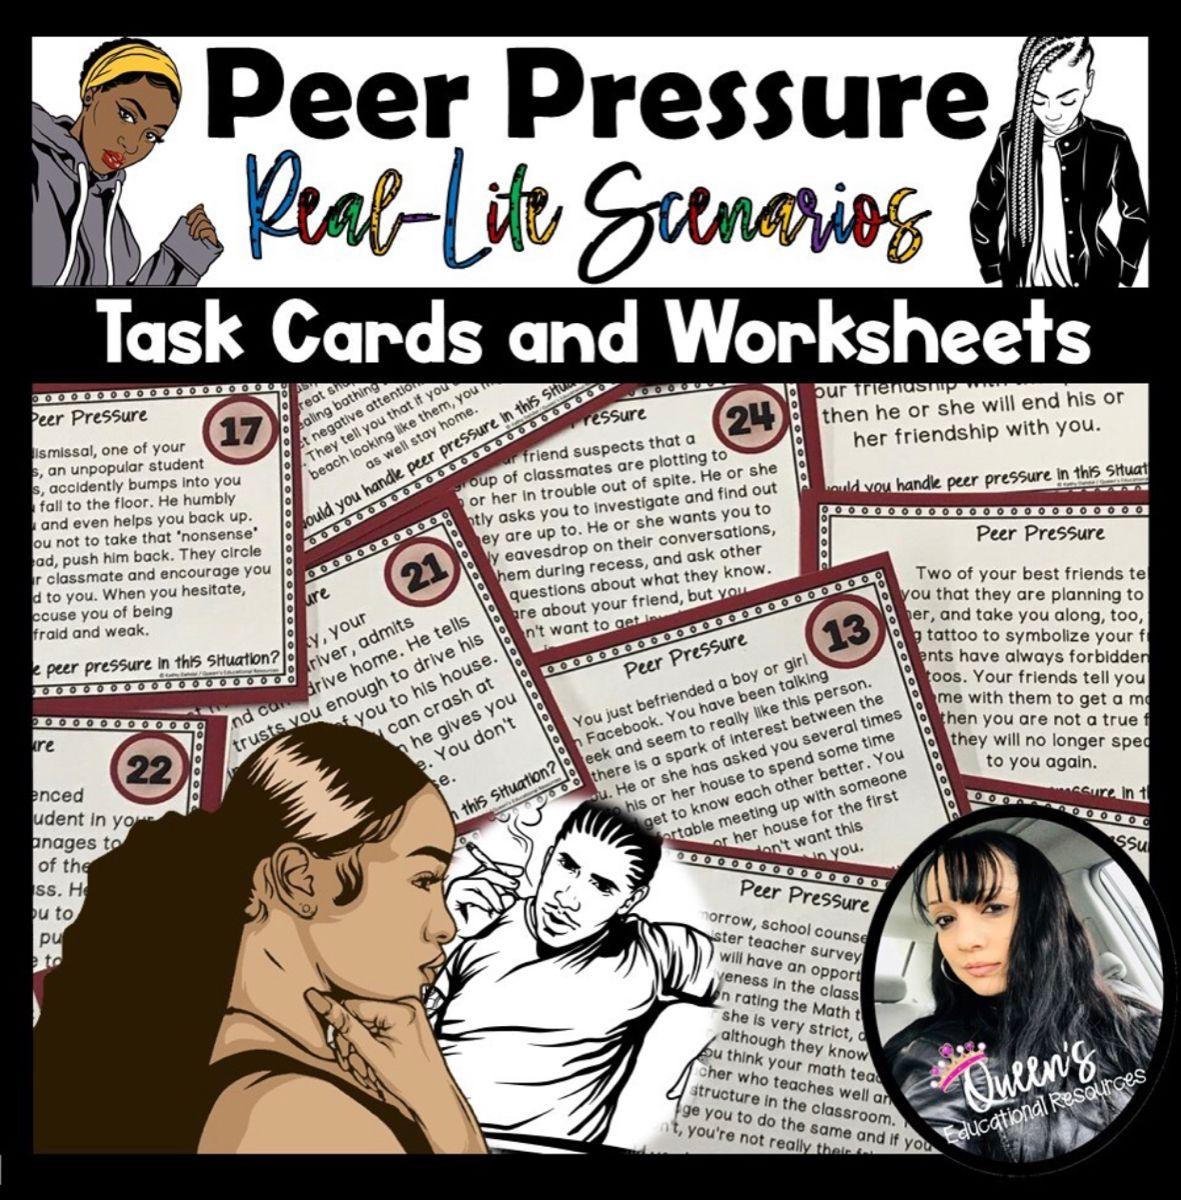 Peer Pressure Scenario Task Cards And Worksheets